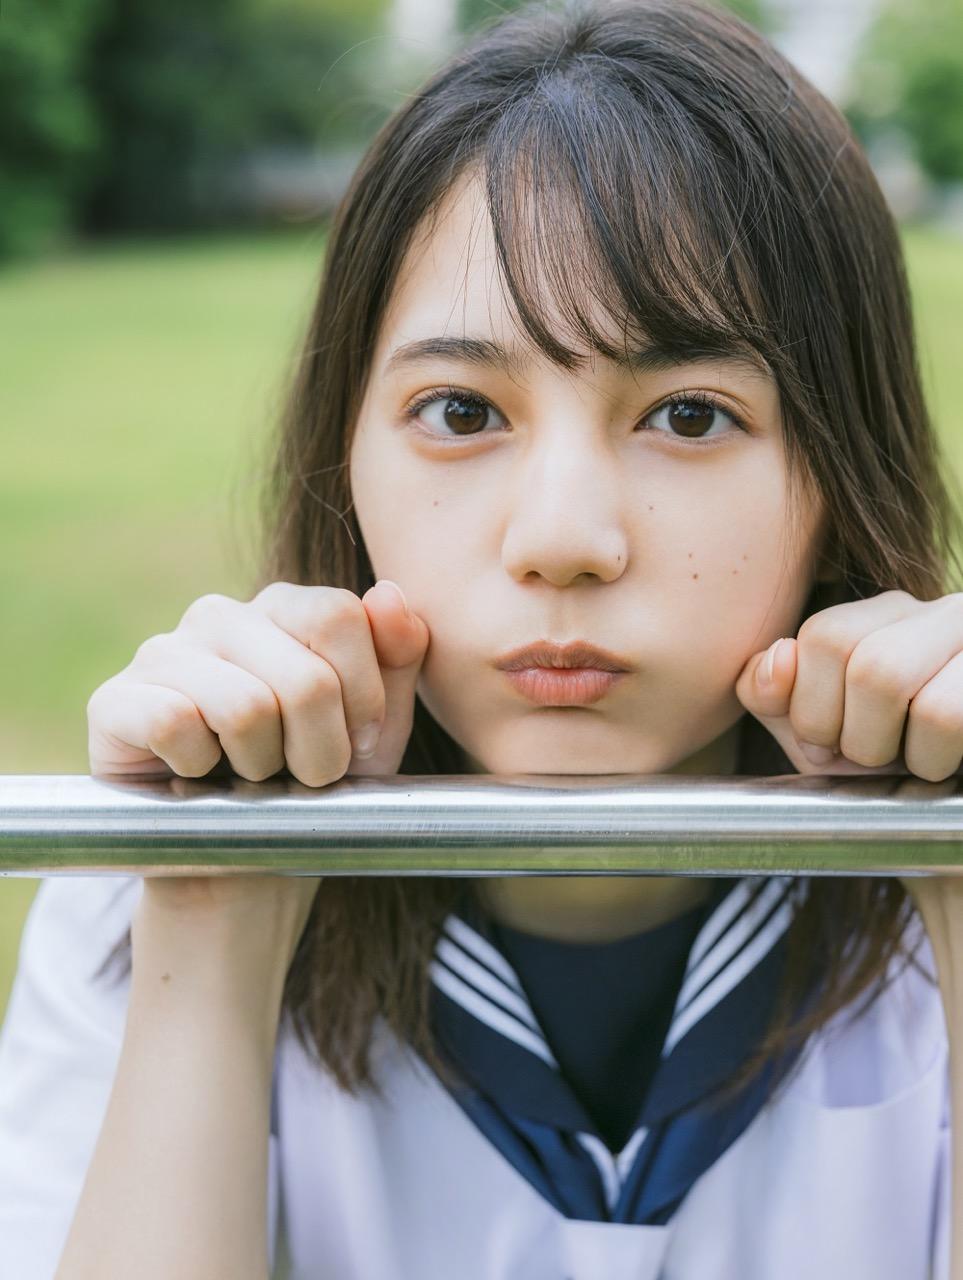 日向坂46 小坂菜緒 1st写真集、6/29発売決定!初めての水着カットも撮影!【予約開始】